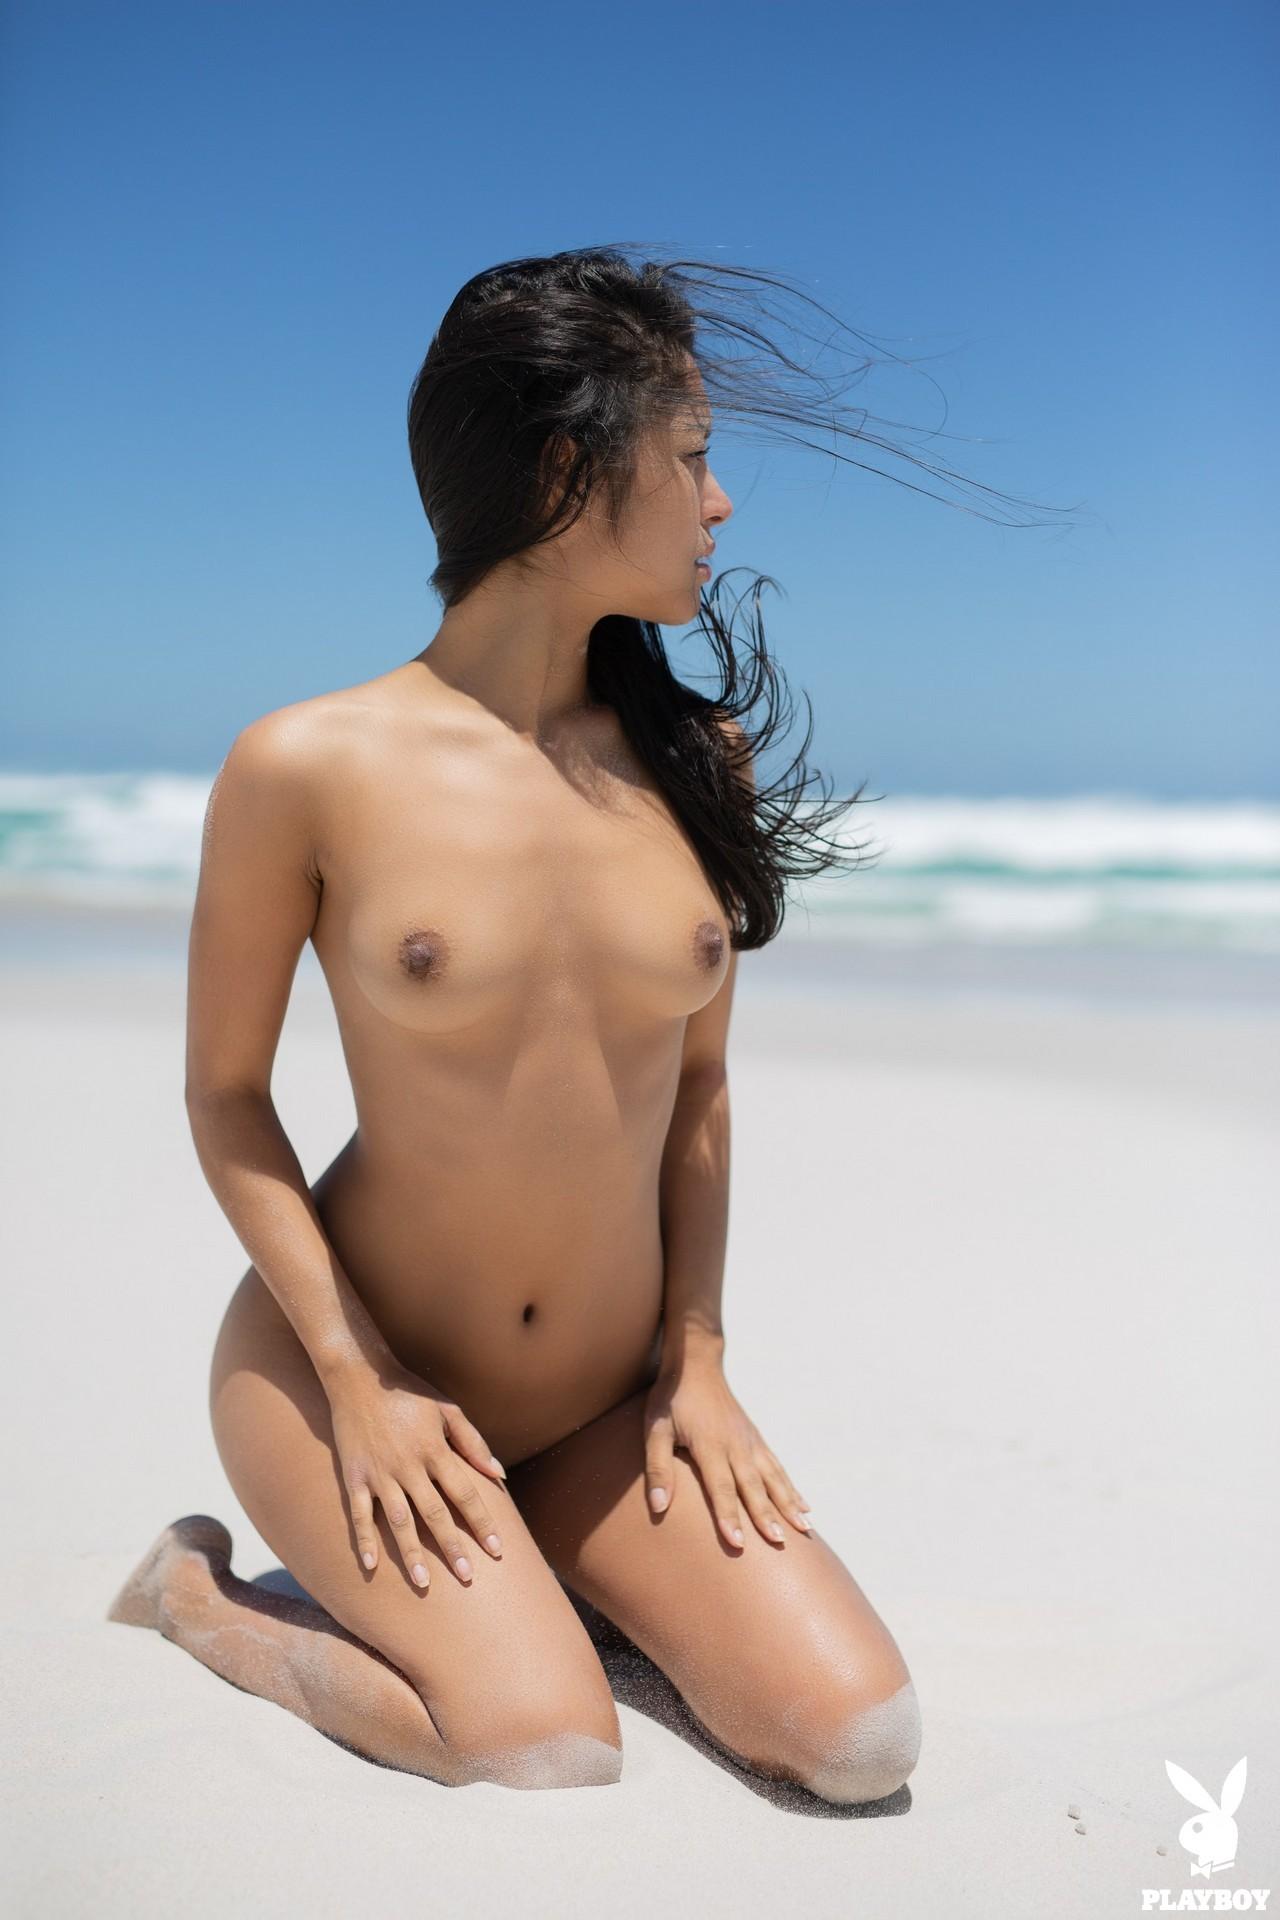 Chloe Rose in Windswept - Playboy Plus 16